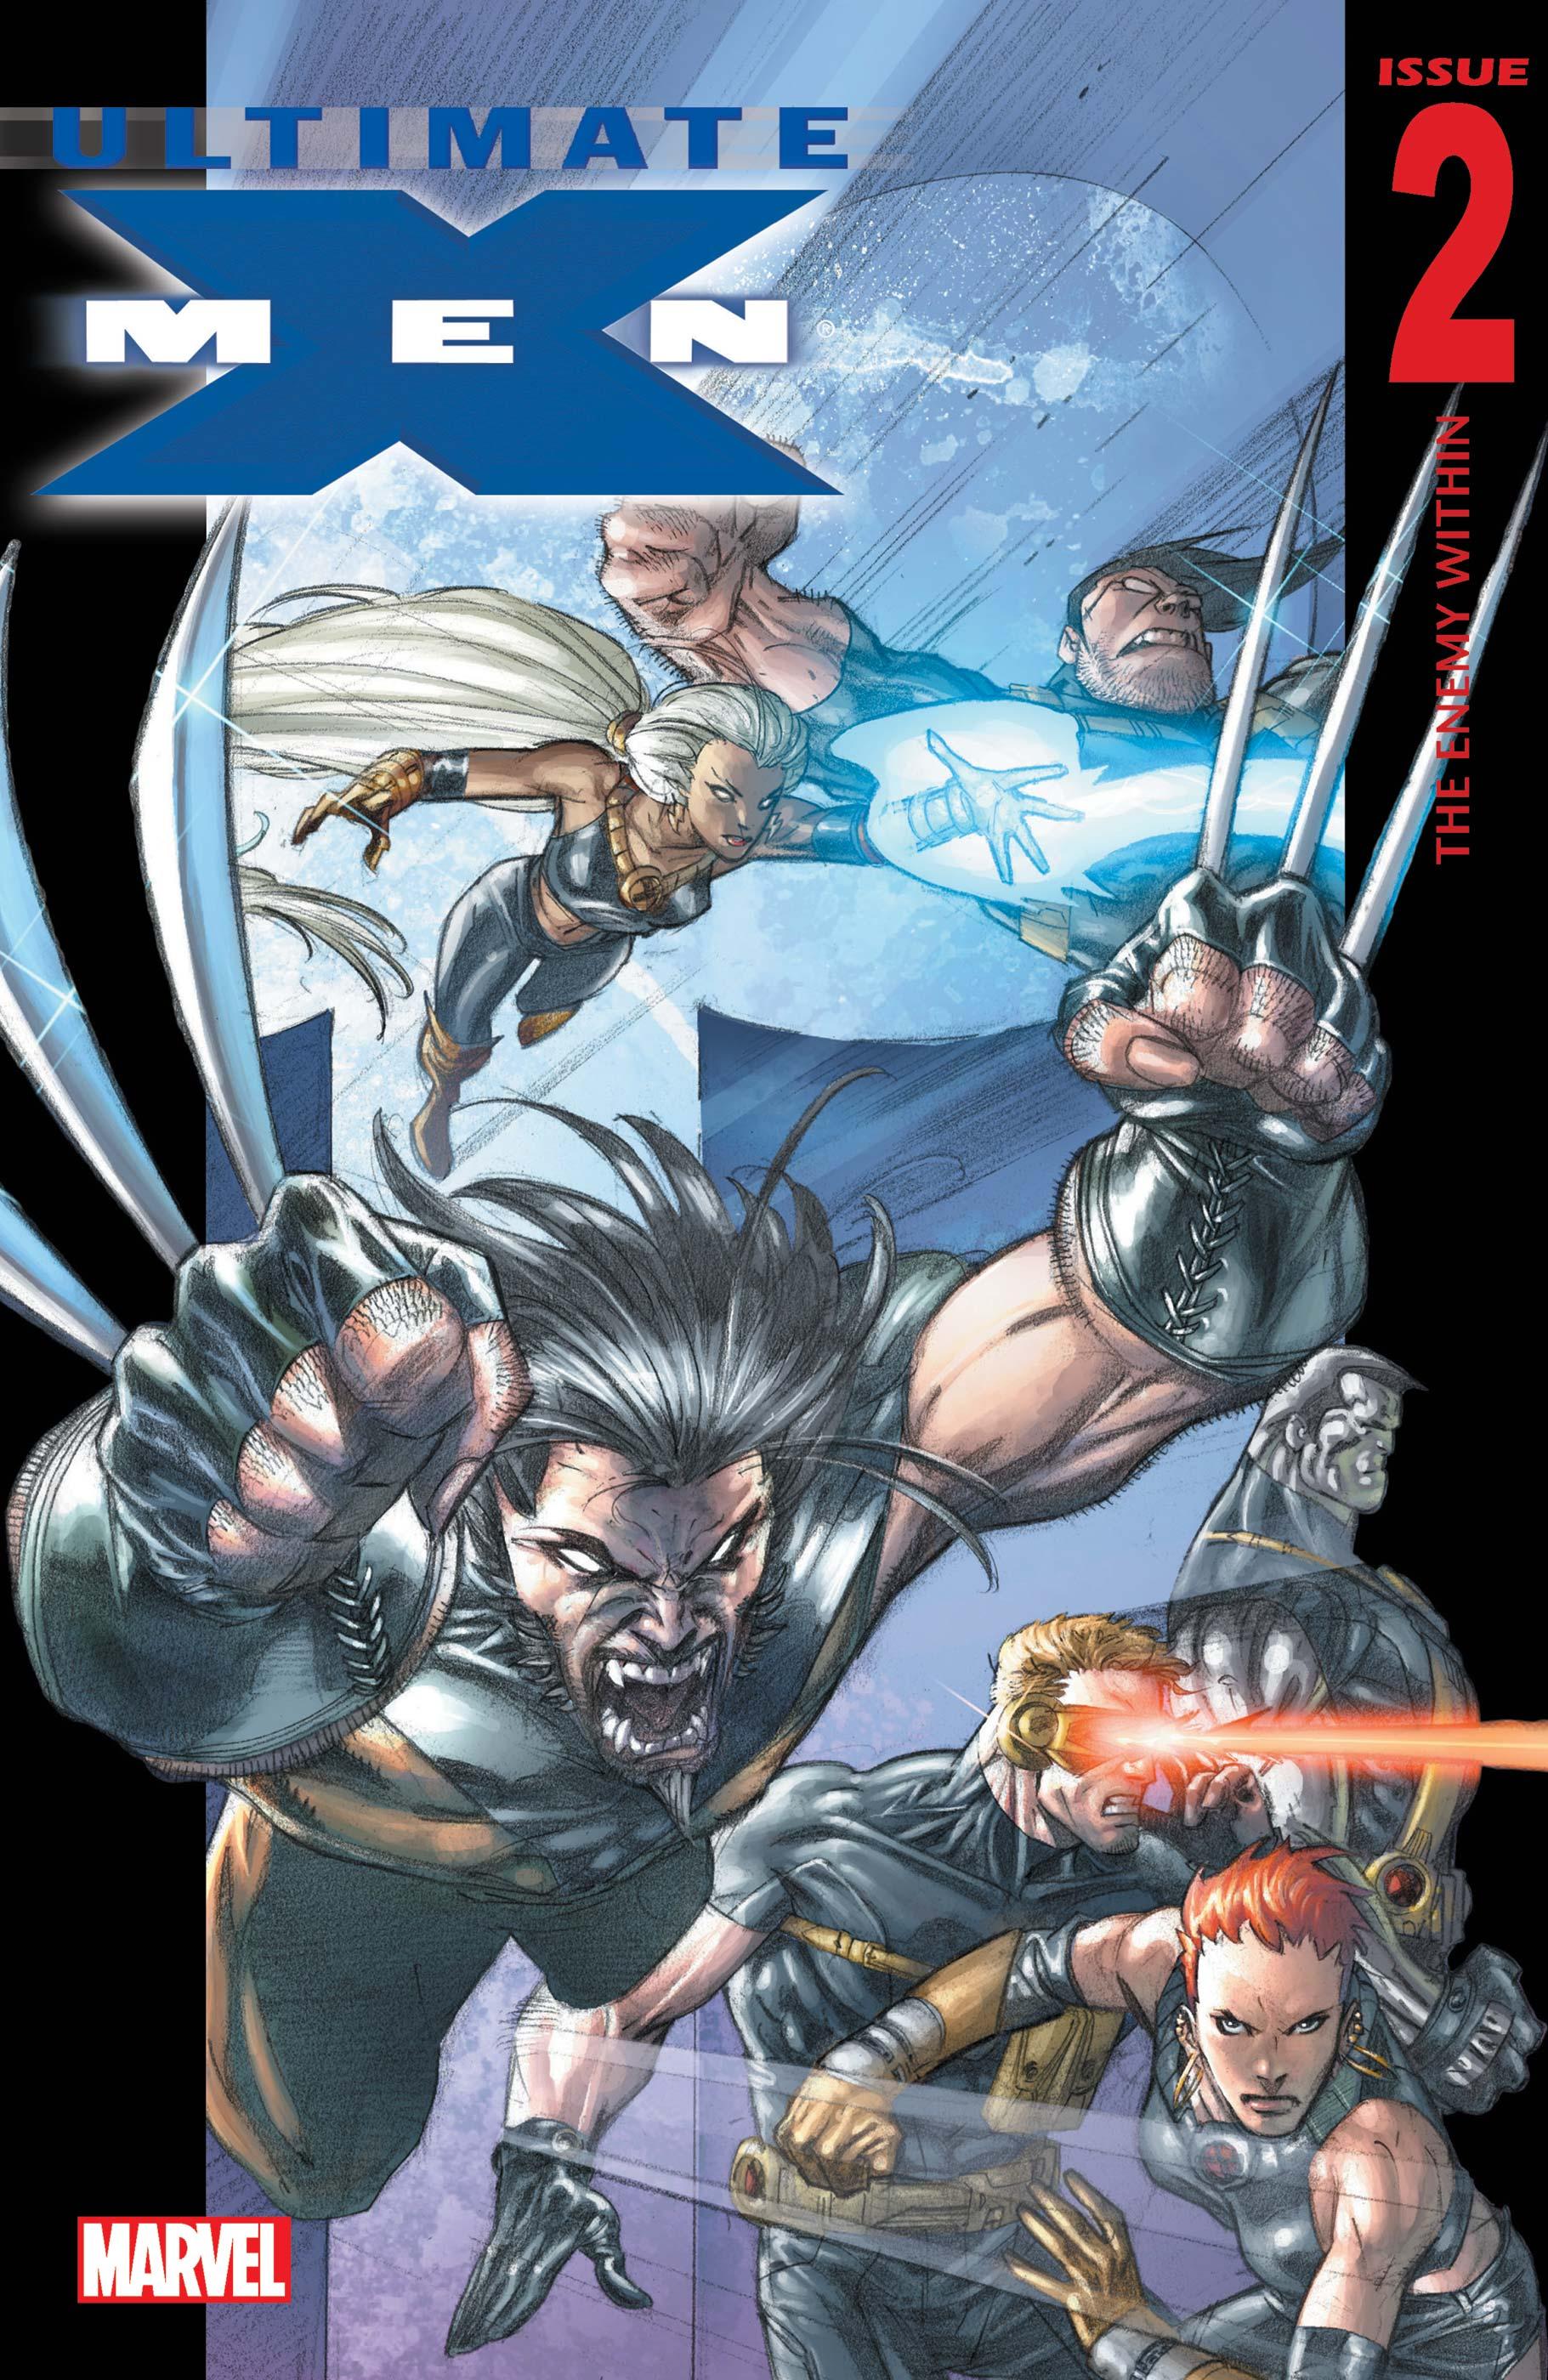 Ultimate X-Men (2001) #2